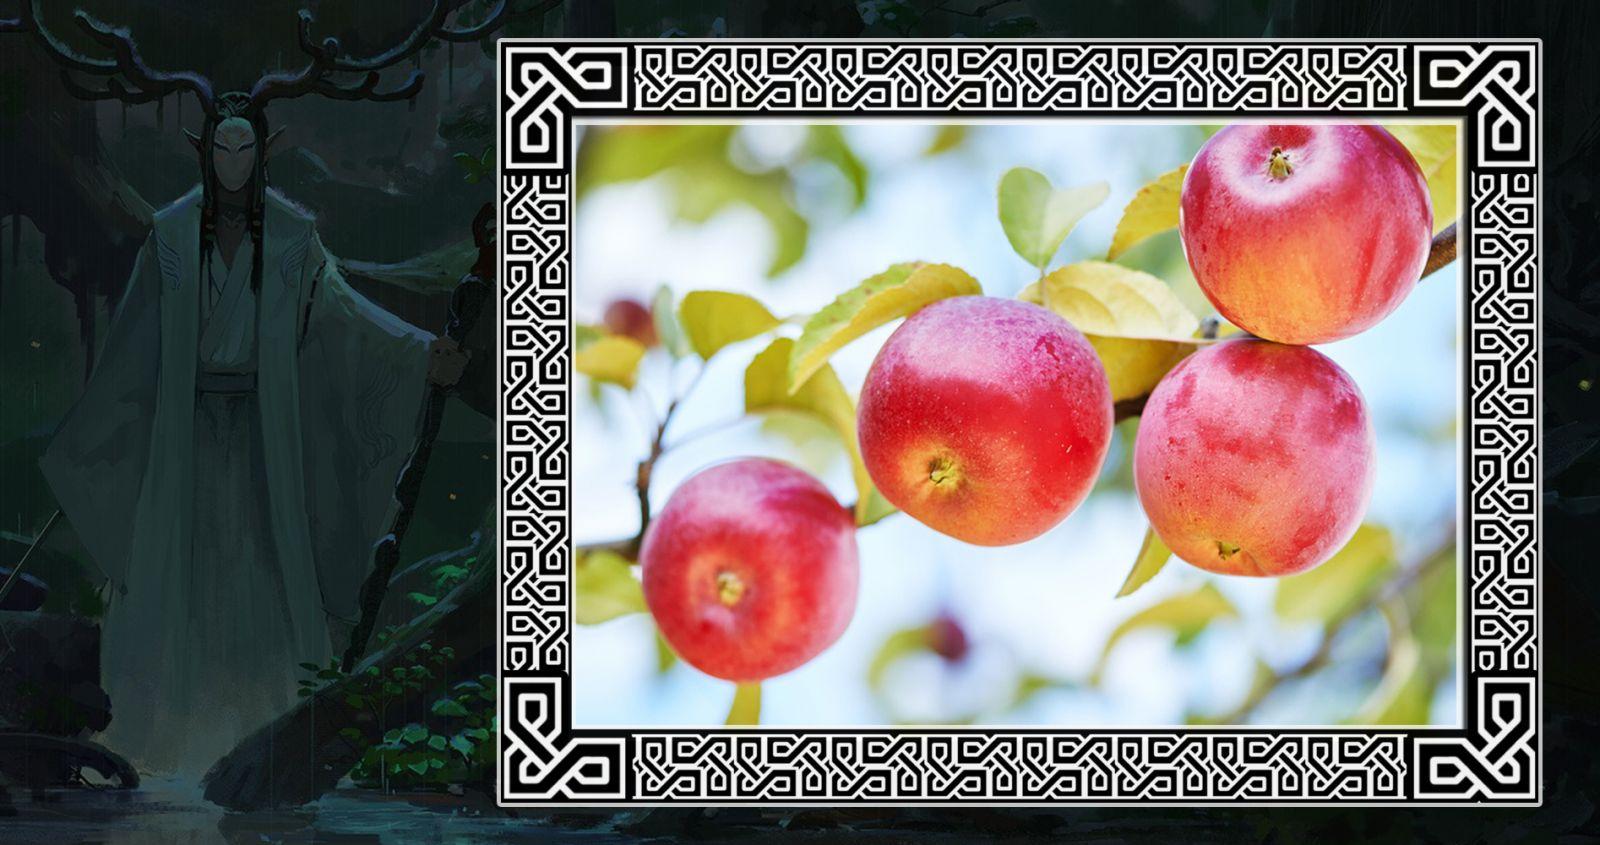 Яблоня в гороскопе друидов